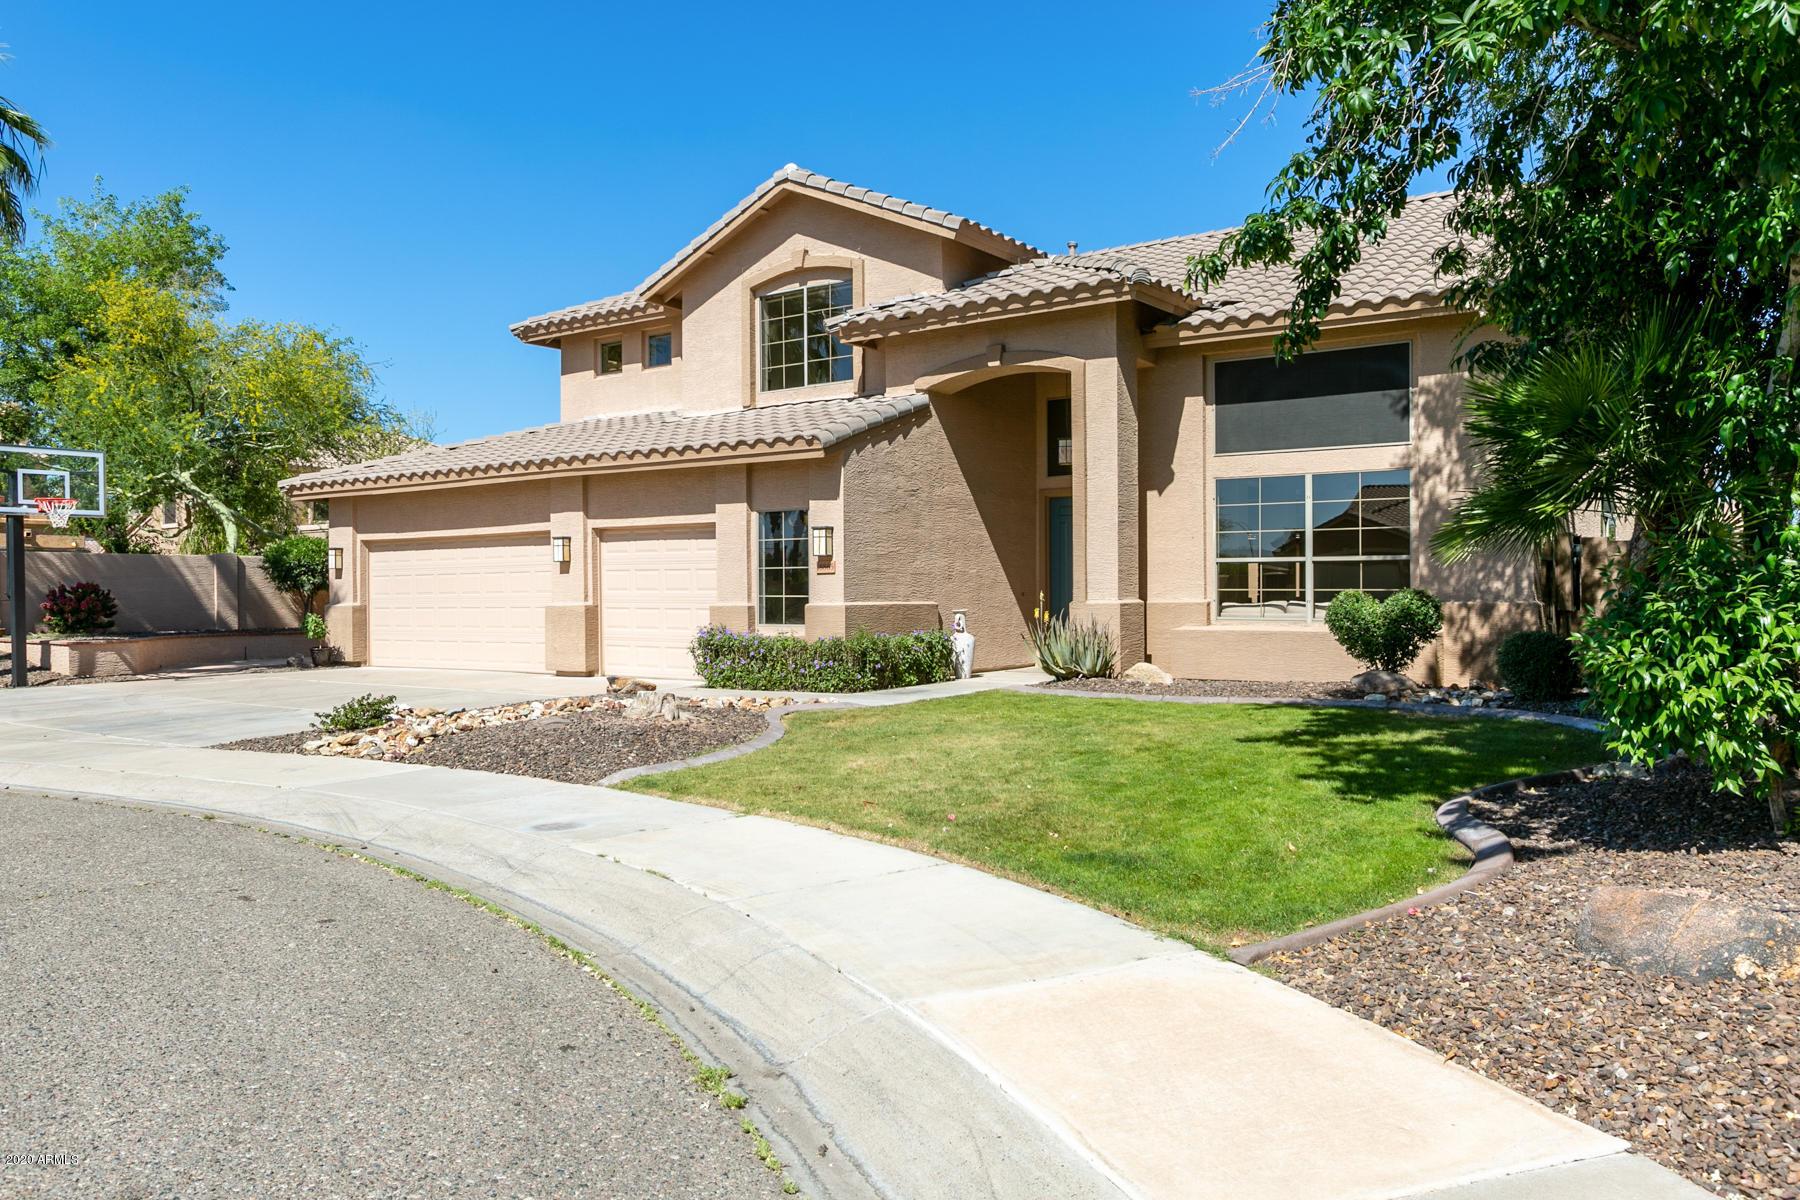 Photo of 18865 N 62ND Drive, Glendale, AZ 85308